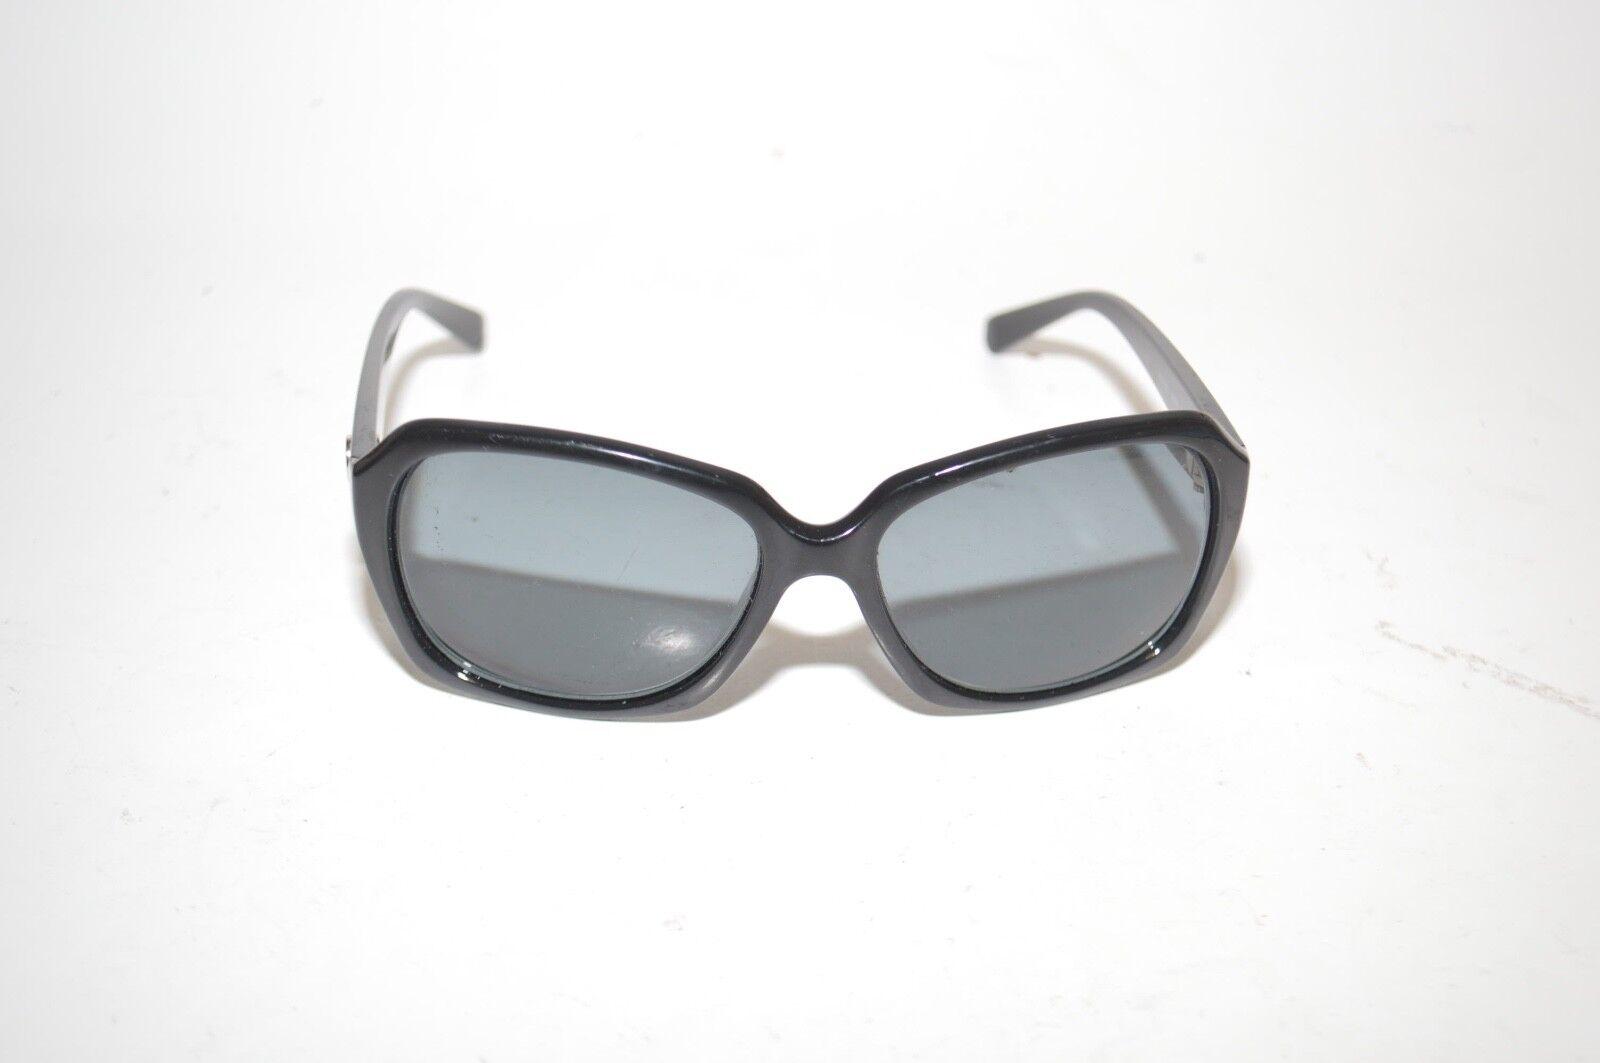 DKNY Sunglasses frames 3001/8G 59[]16-135MM 3N Black Italy Oversized